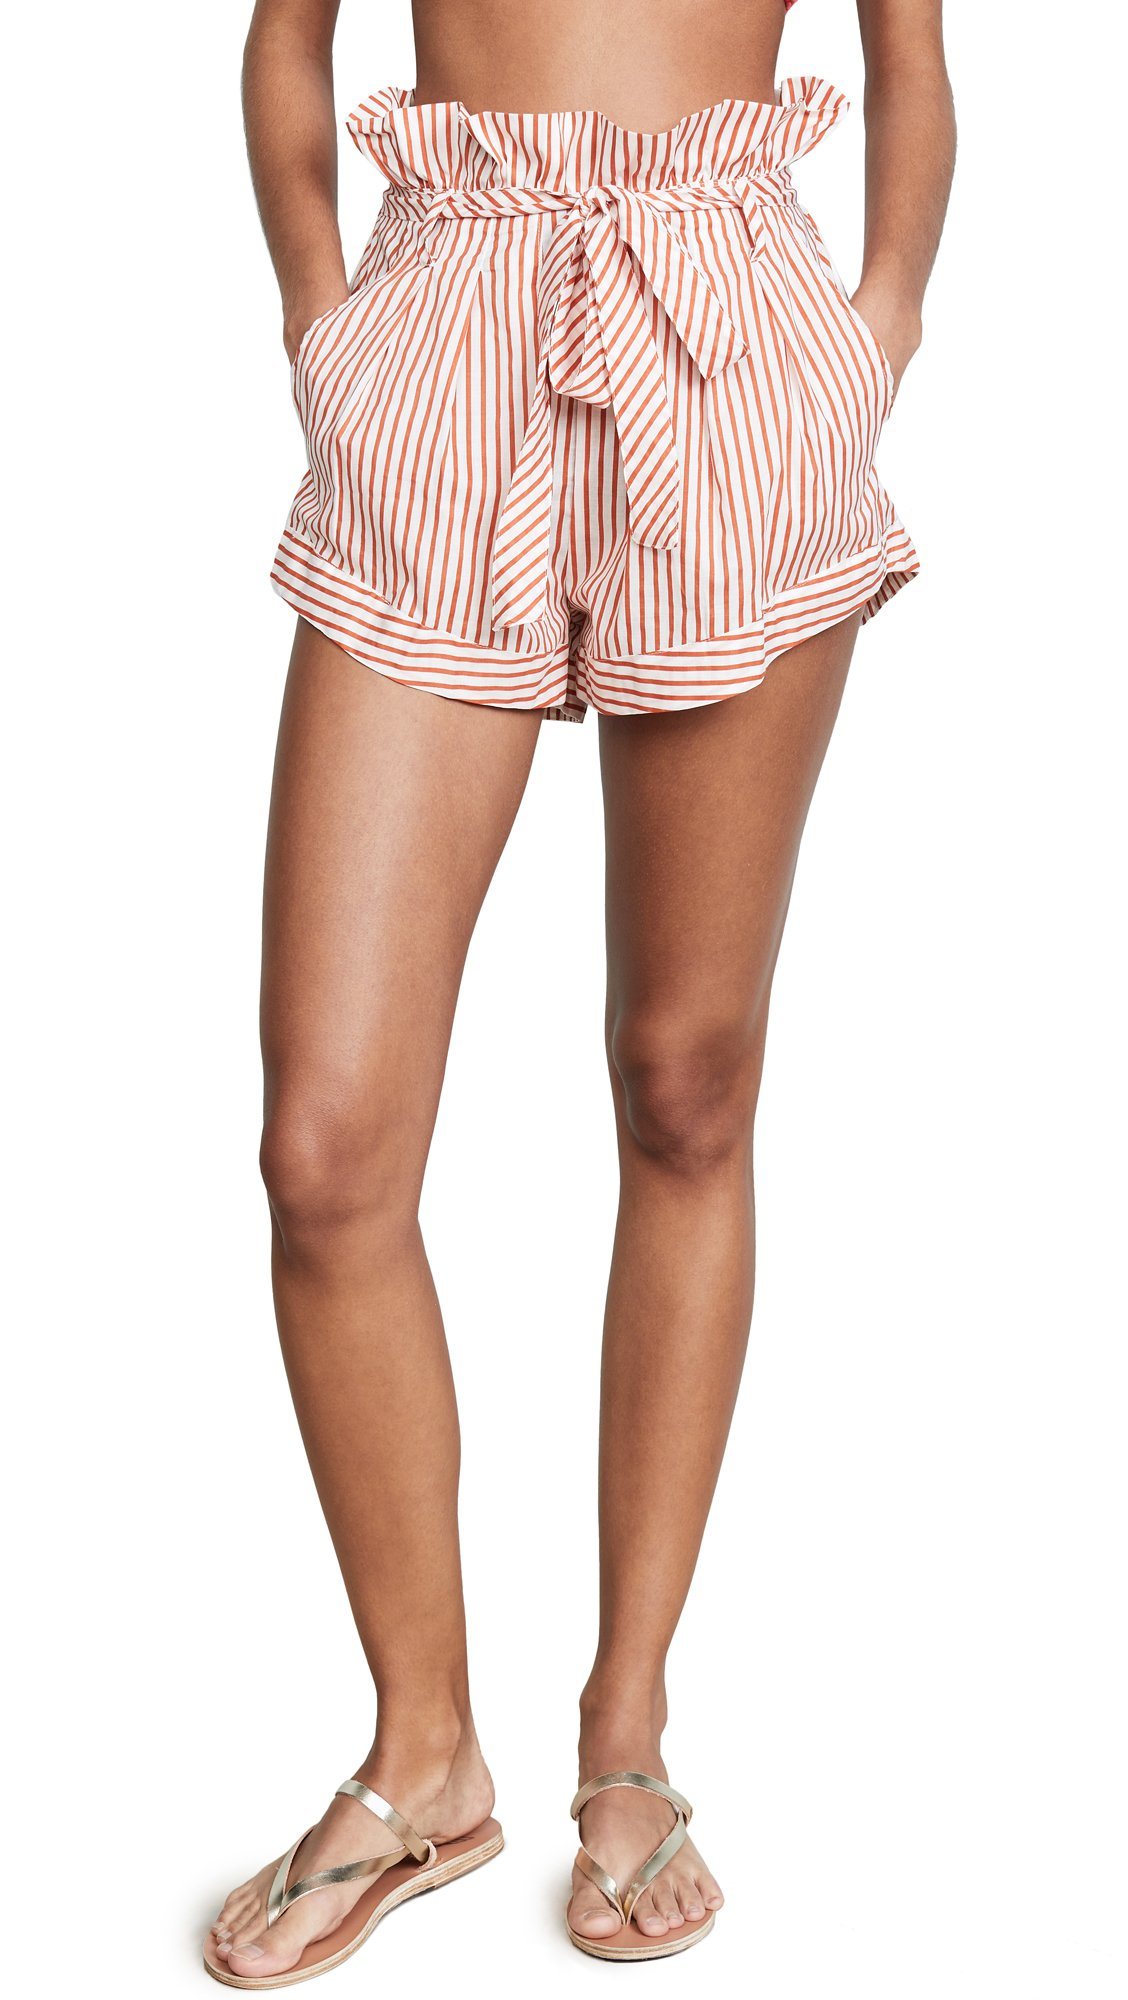 For Love & Lemons Women's Isla Striped Shorts, Stripe, Large by For Love & Lemons (Image #1)